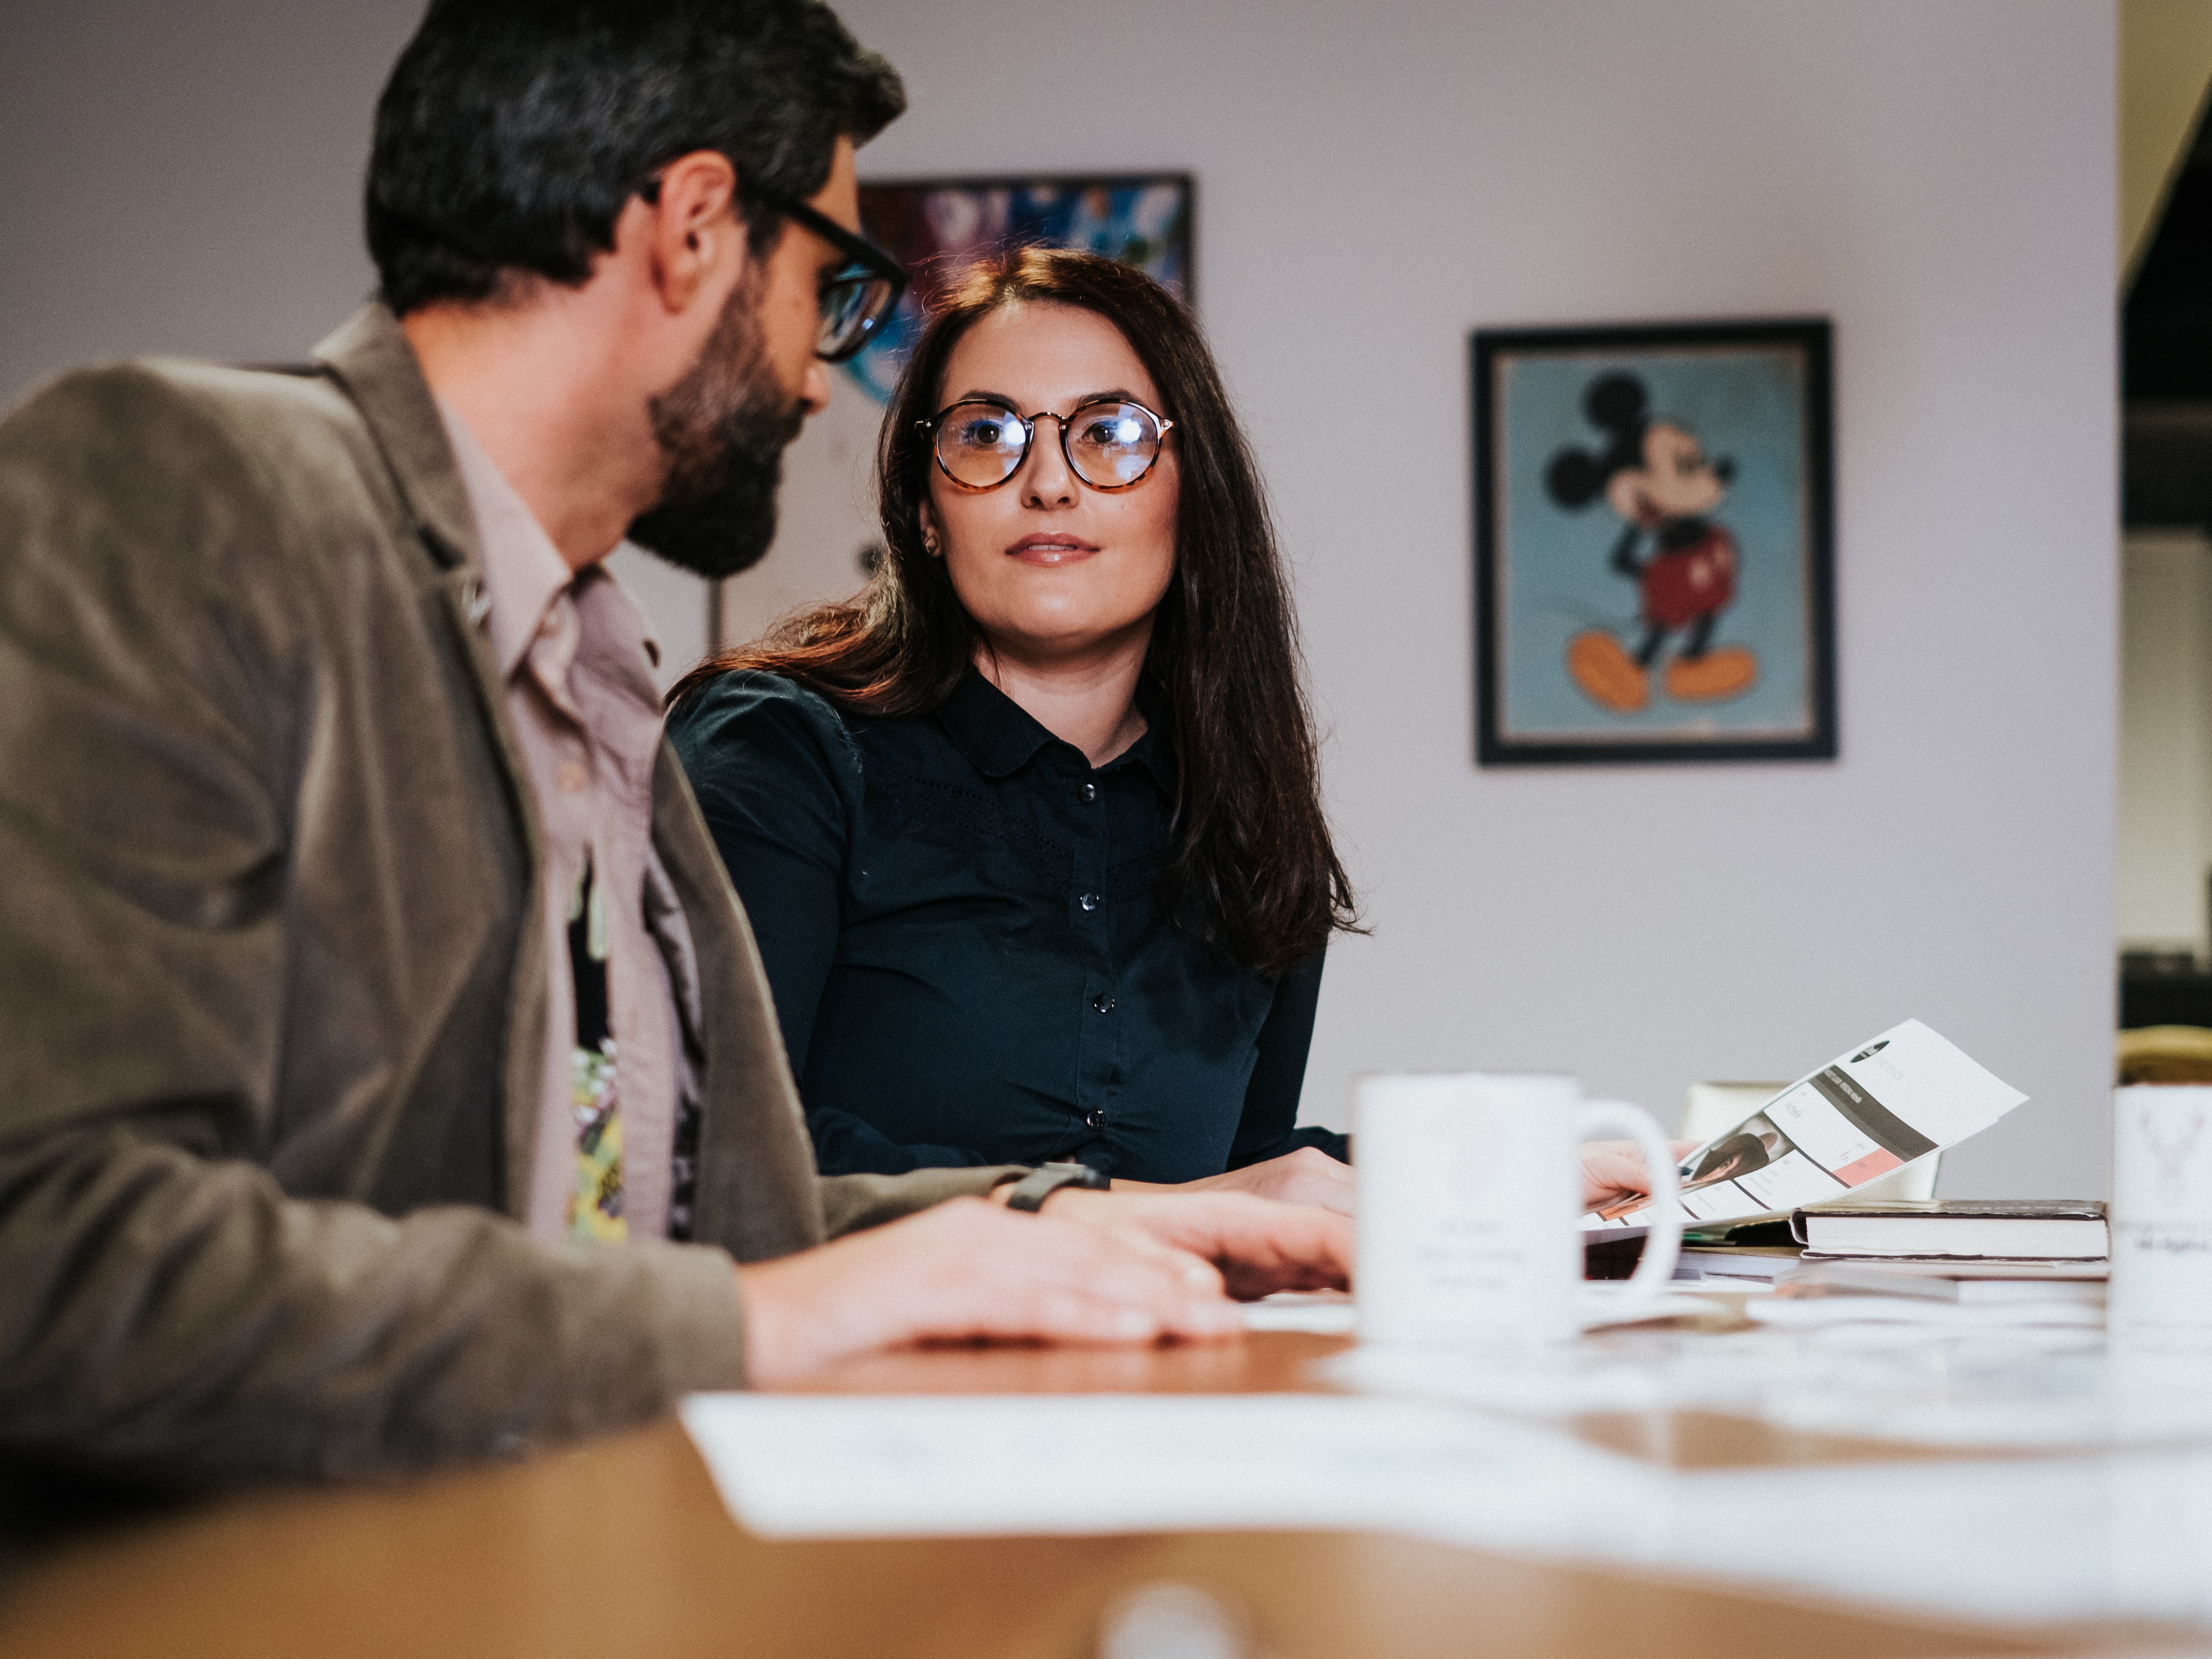 Familienunternehmen Mindestlohn Schreibtisch Mann Frau